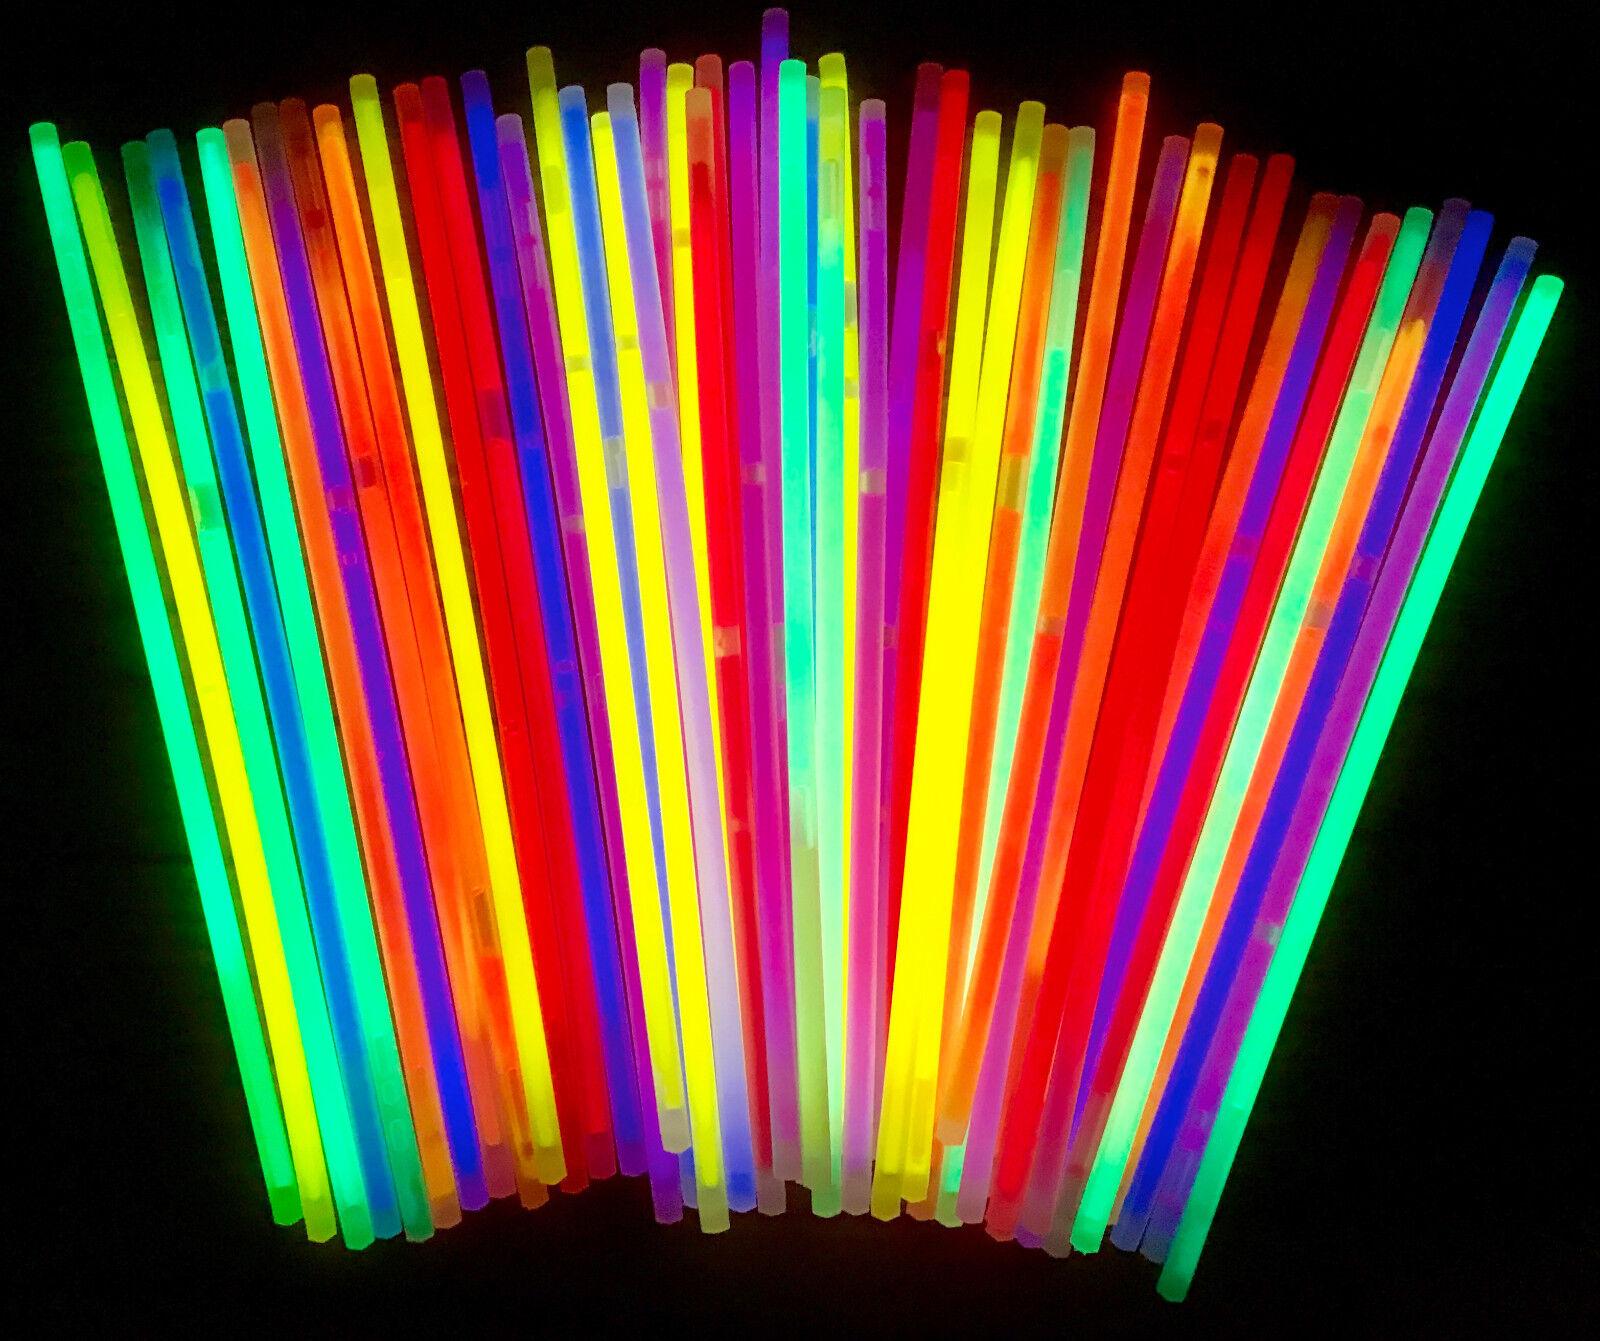 50x Knicklichter | Leuchtstäbe | Armreifen | Glowstick | Party | Deko | Lichter